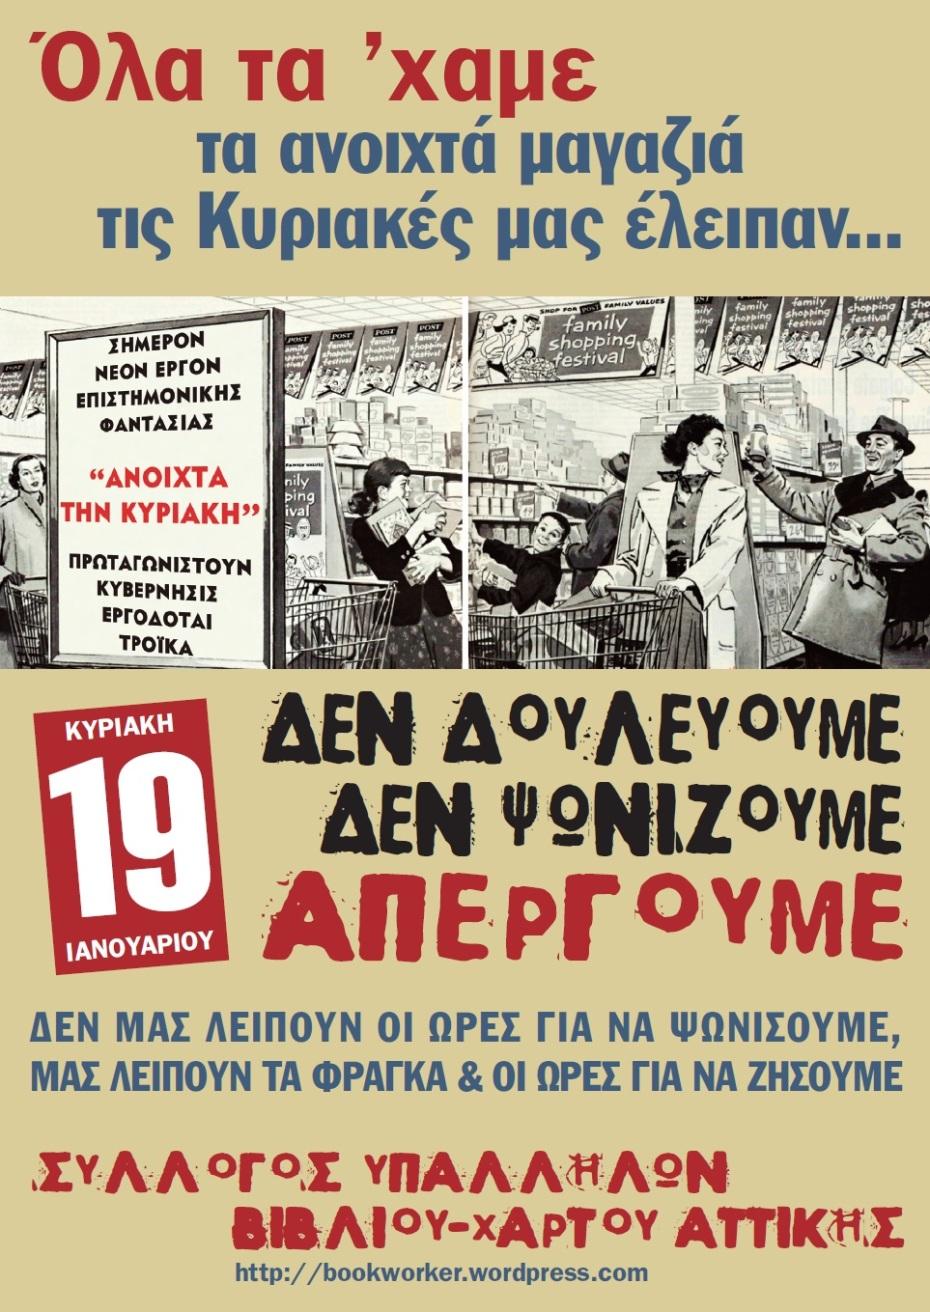 apergia kyriaki 1901